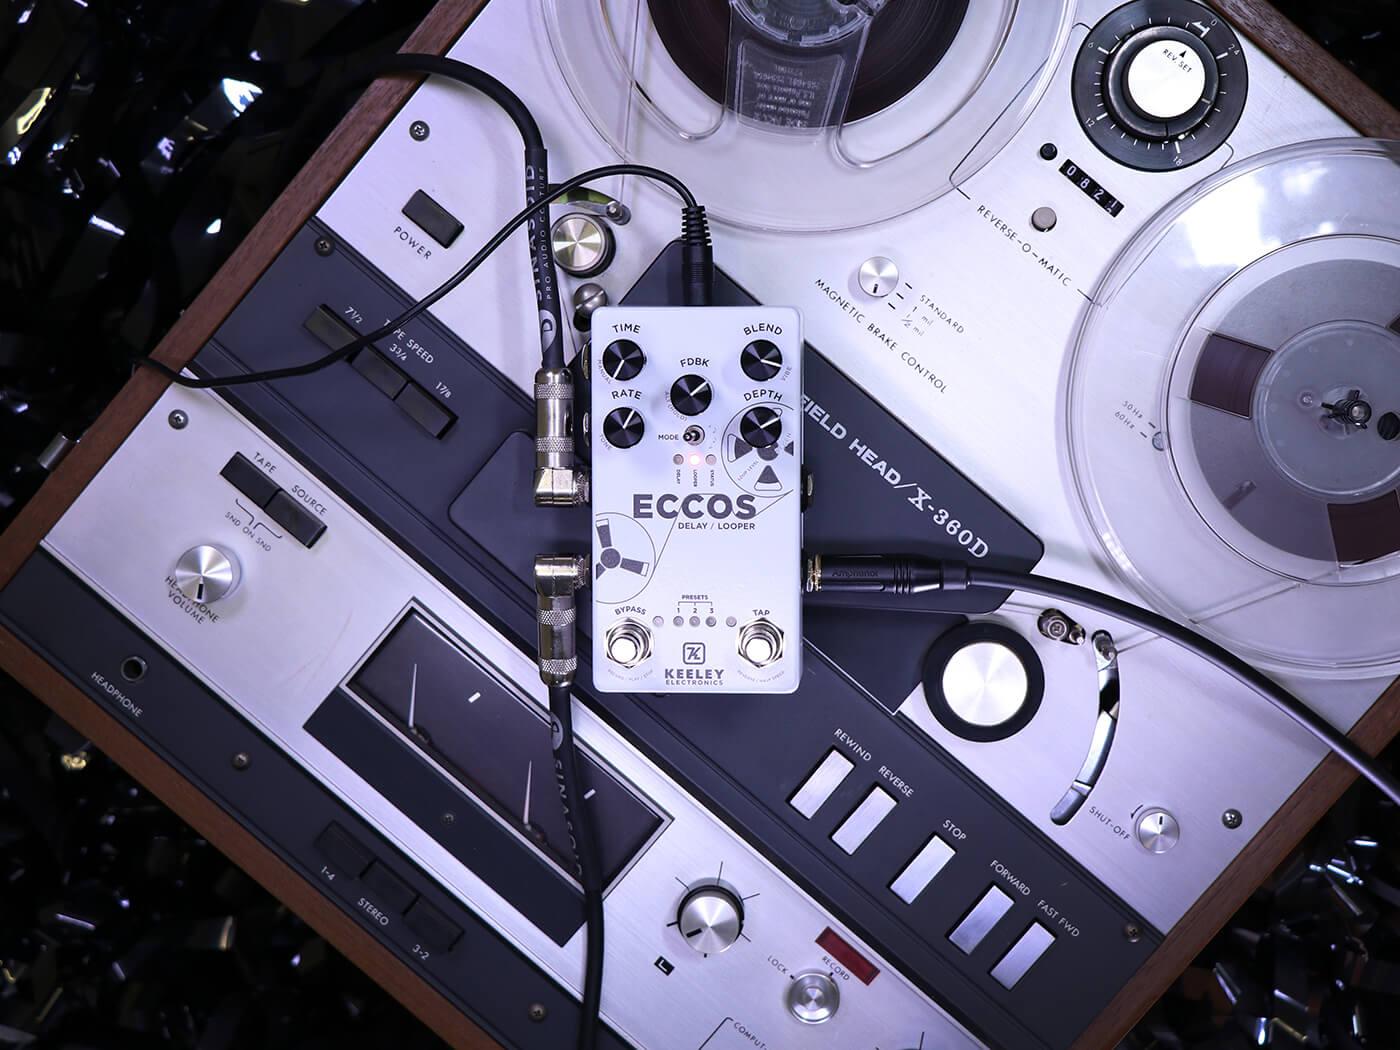 Keeley Electronics Eccos